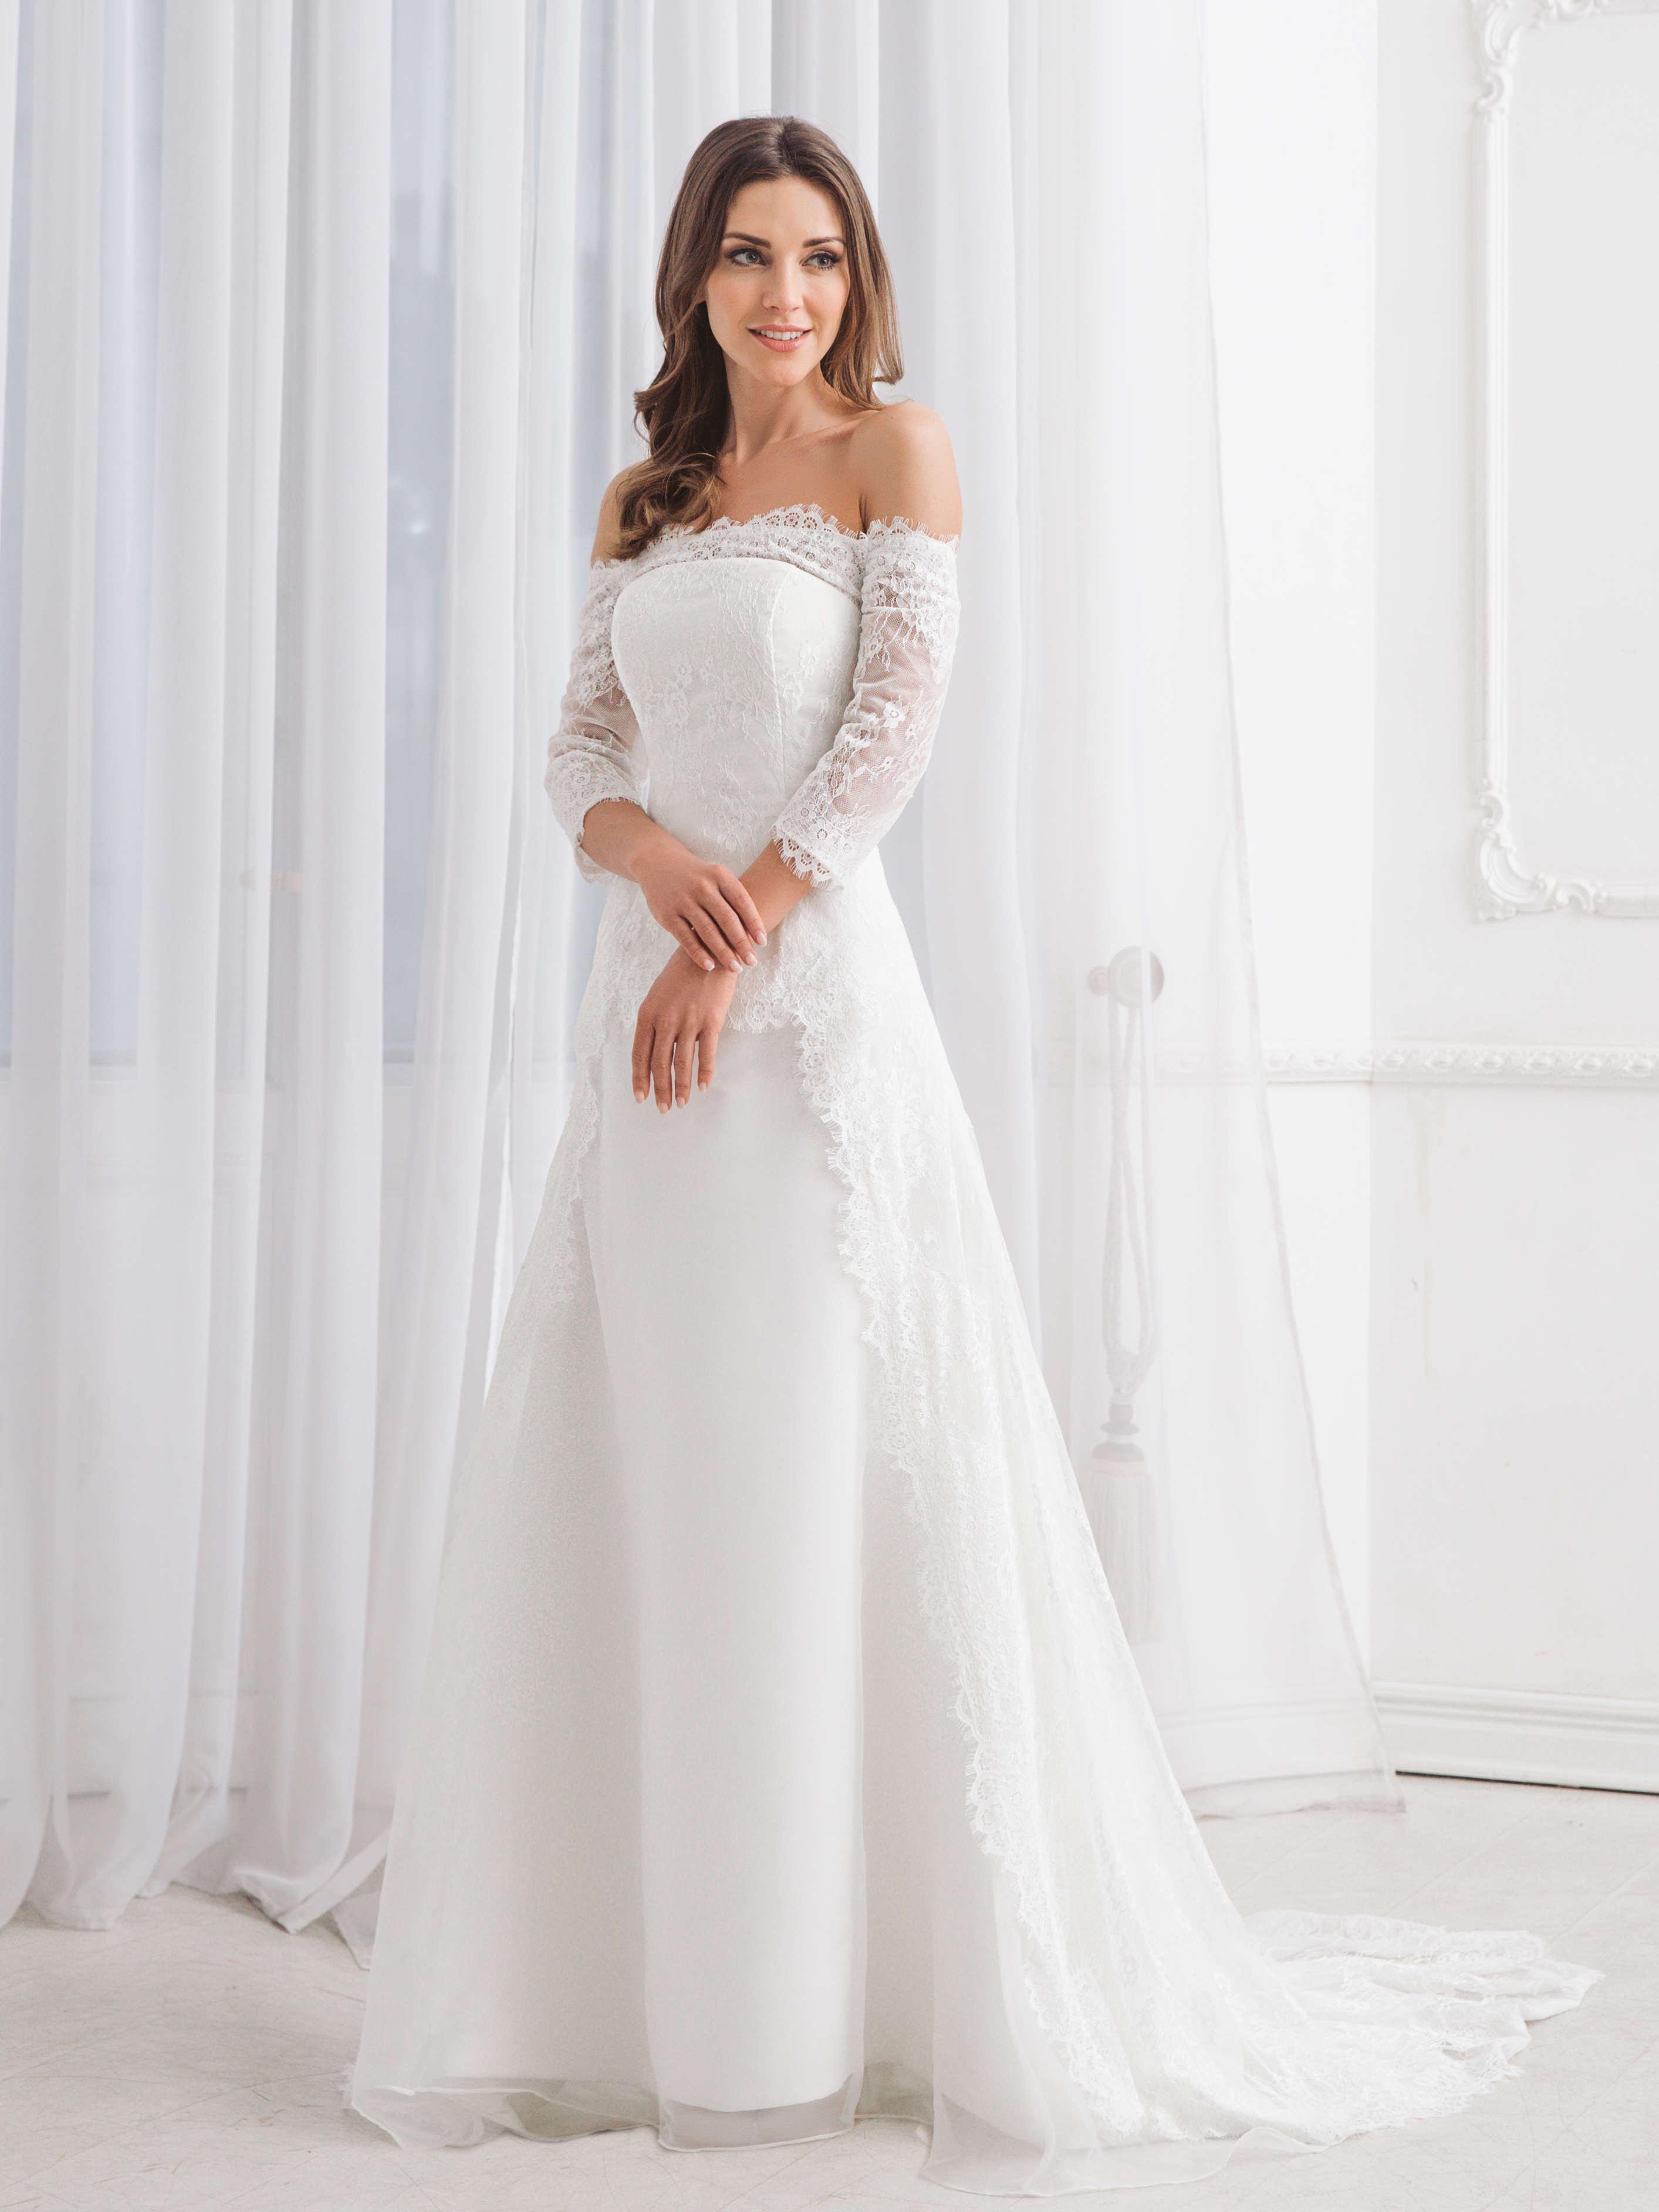 7839bba0d Образ невесты в кружевном свадебном платье – романтичный, нежный и легкий.  Кстати, этот материал подходит как для летних, так и для зимних нарядов.